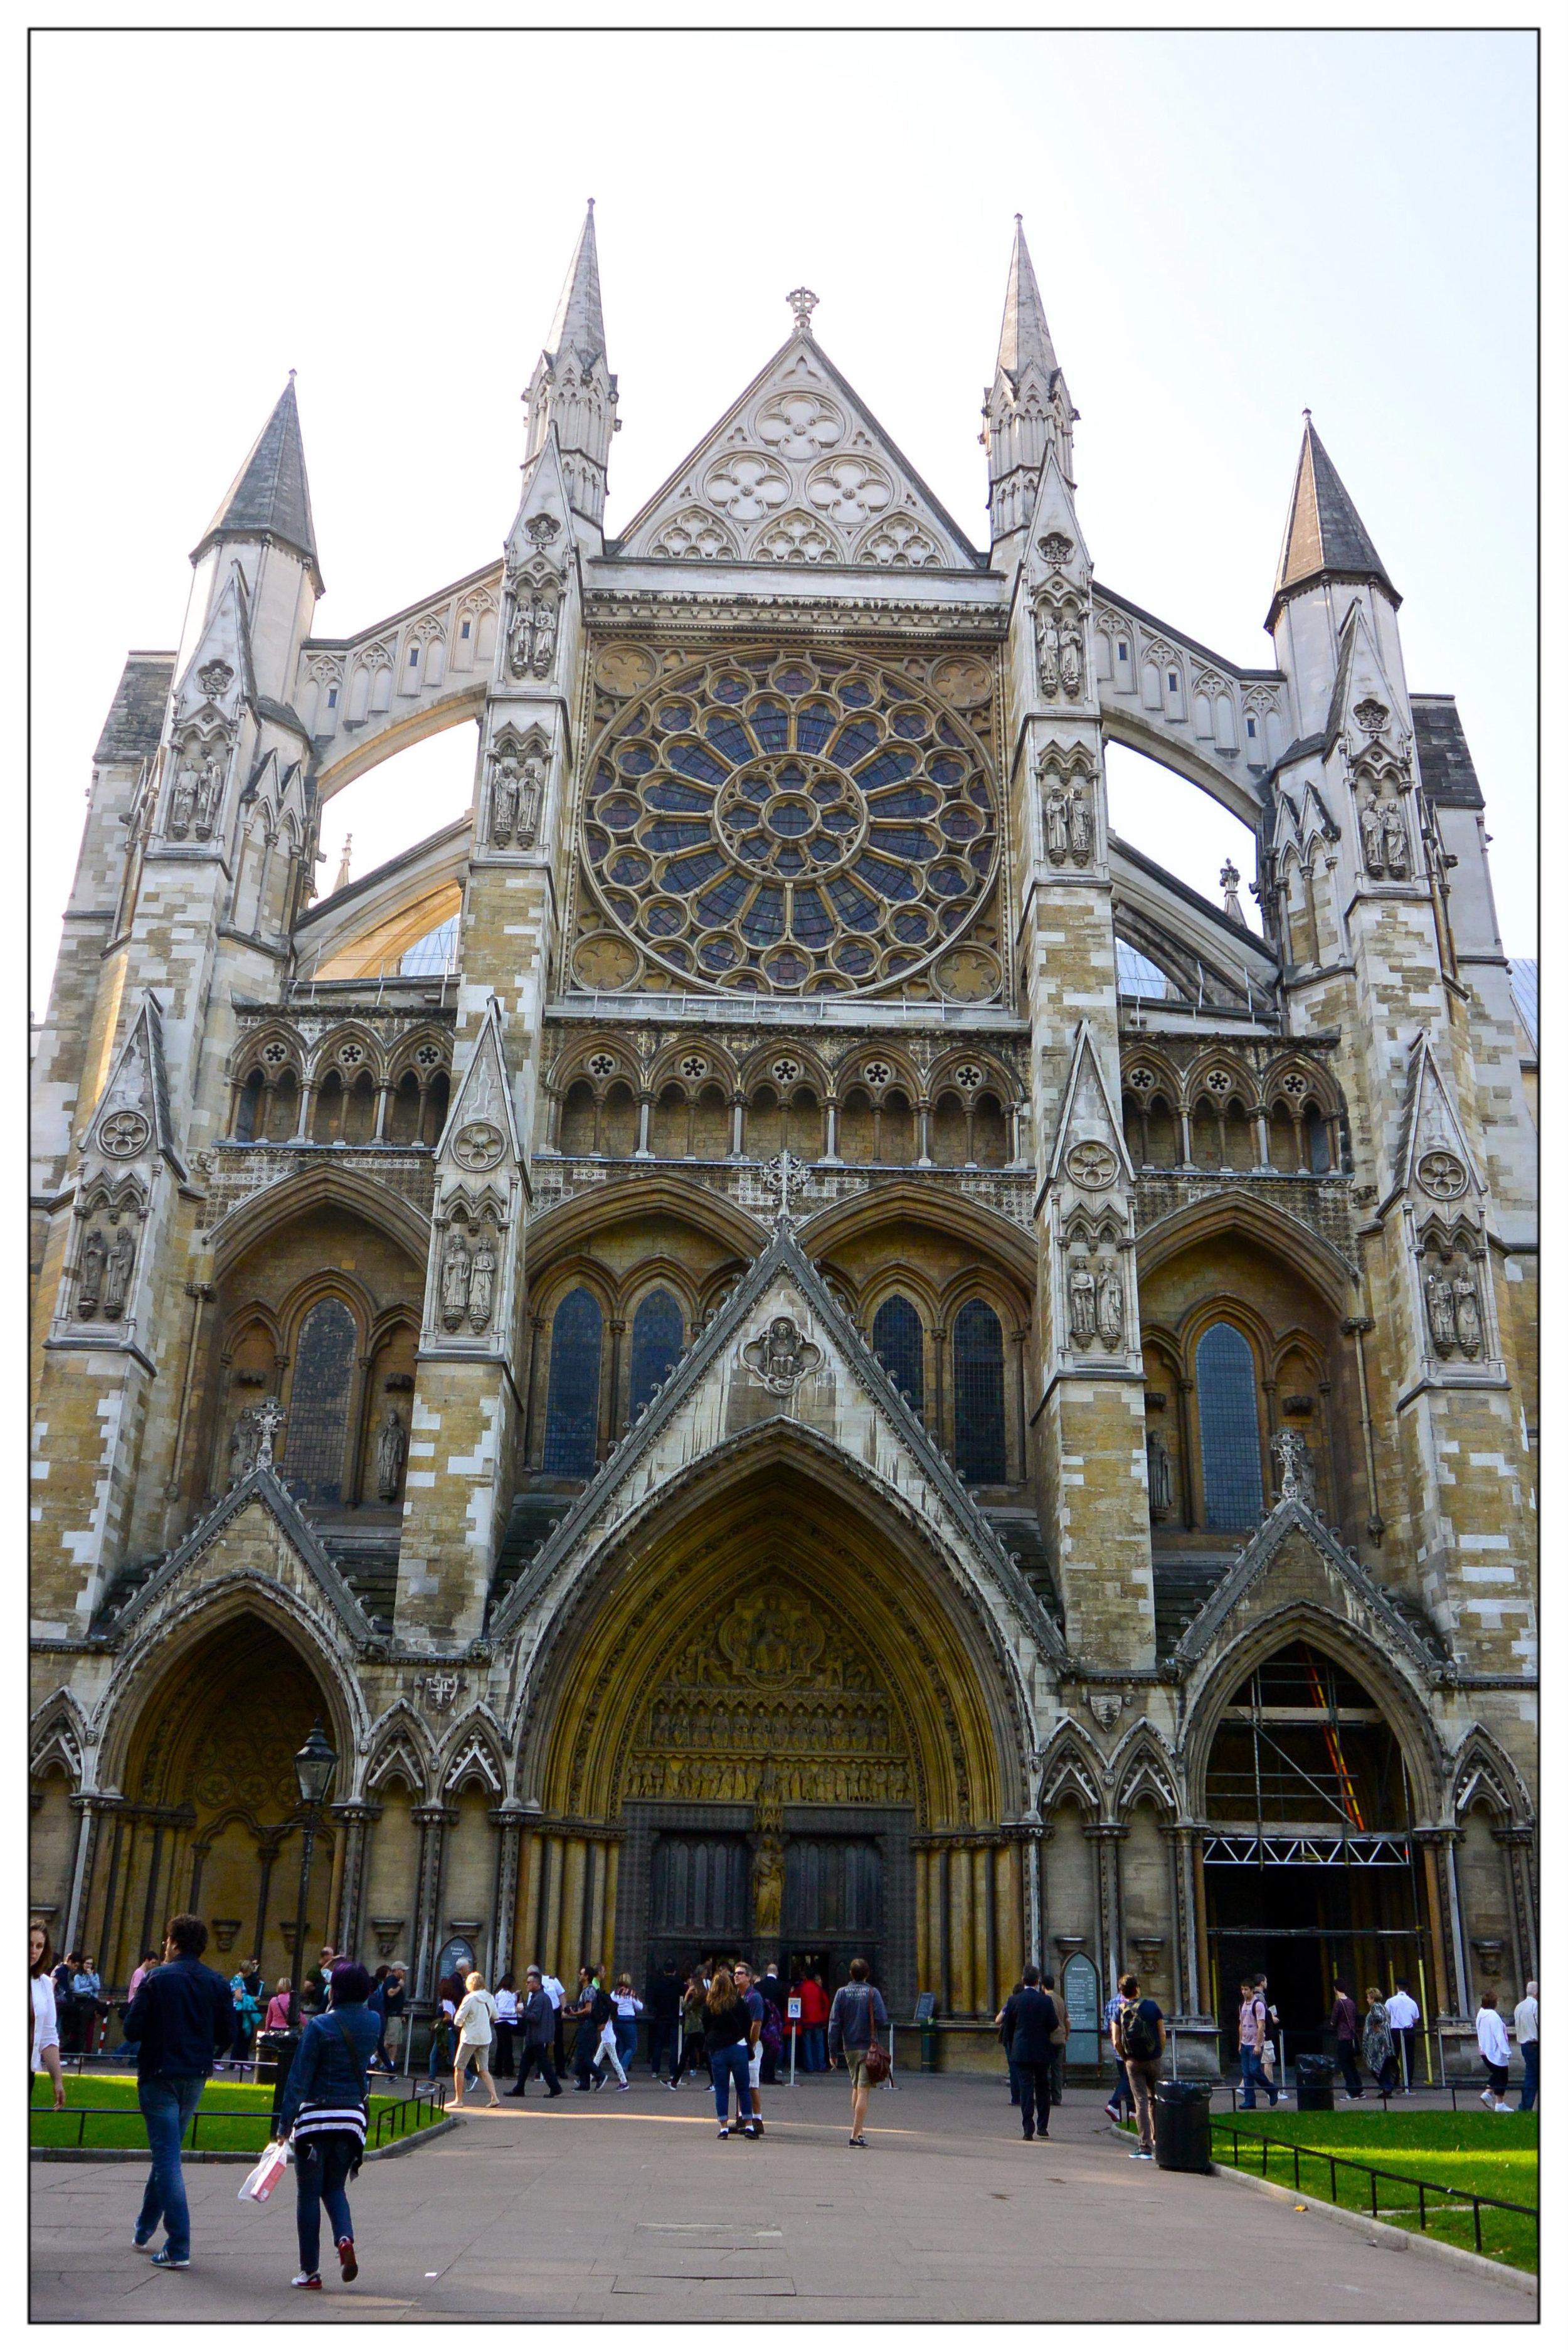 Westminster-Abby.jpg